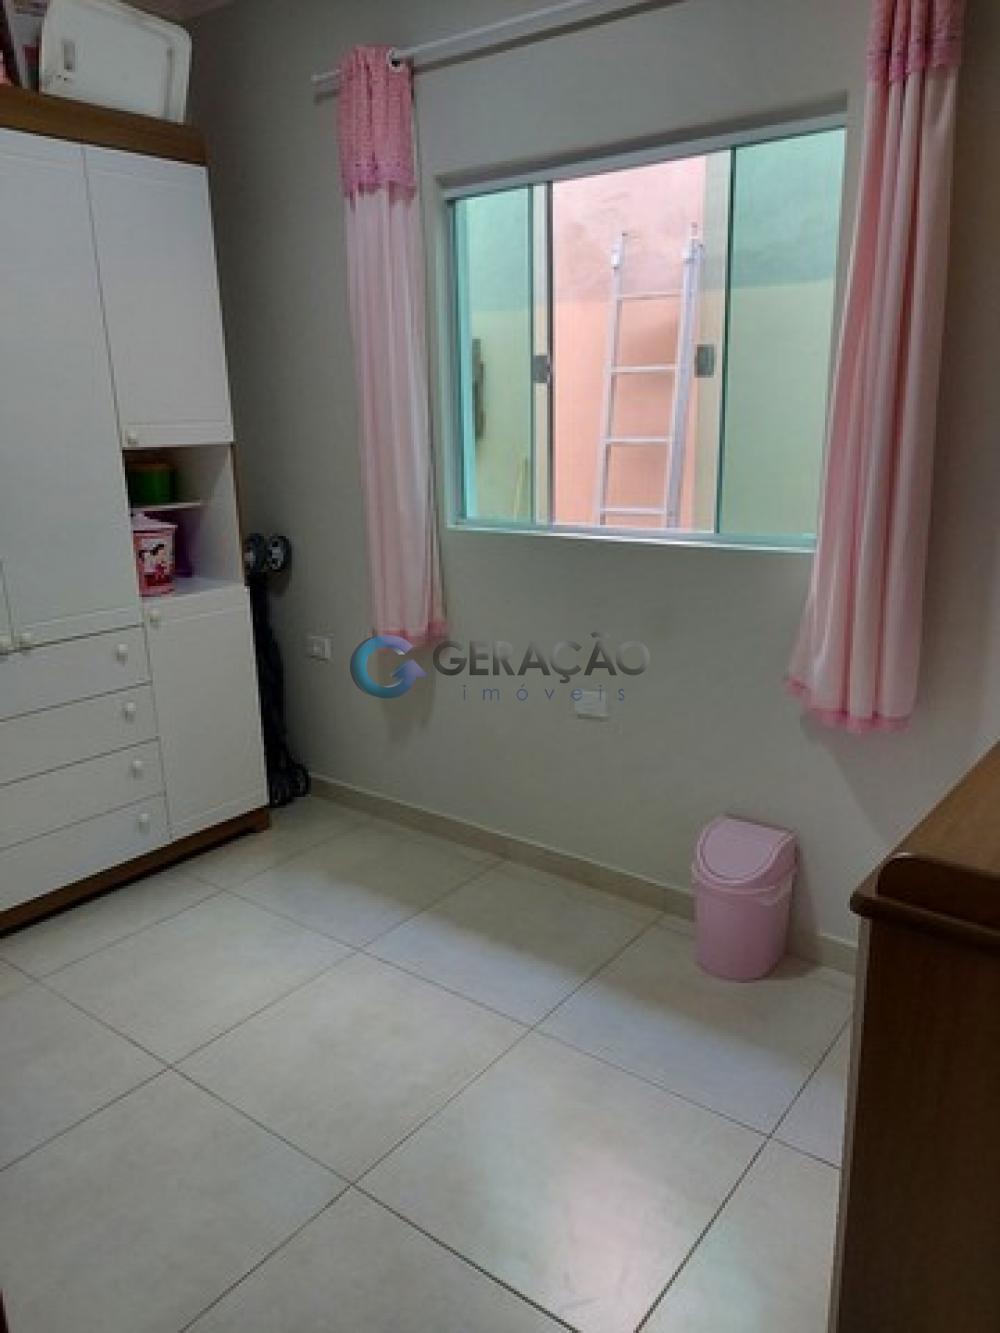 Comprar Casa / Padrão em São José dos Campos R$ 240.000,00 - Foto 7